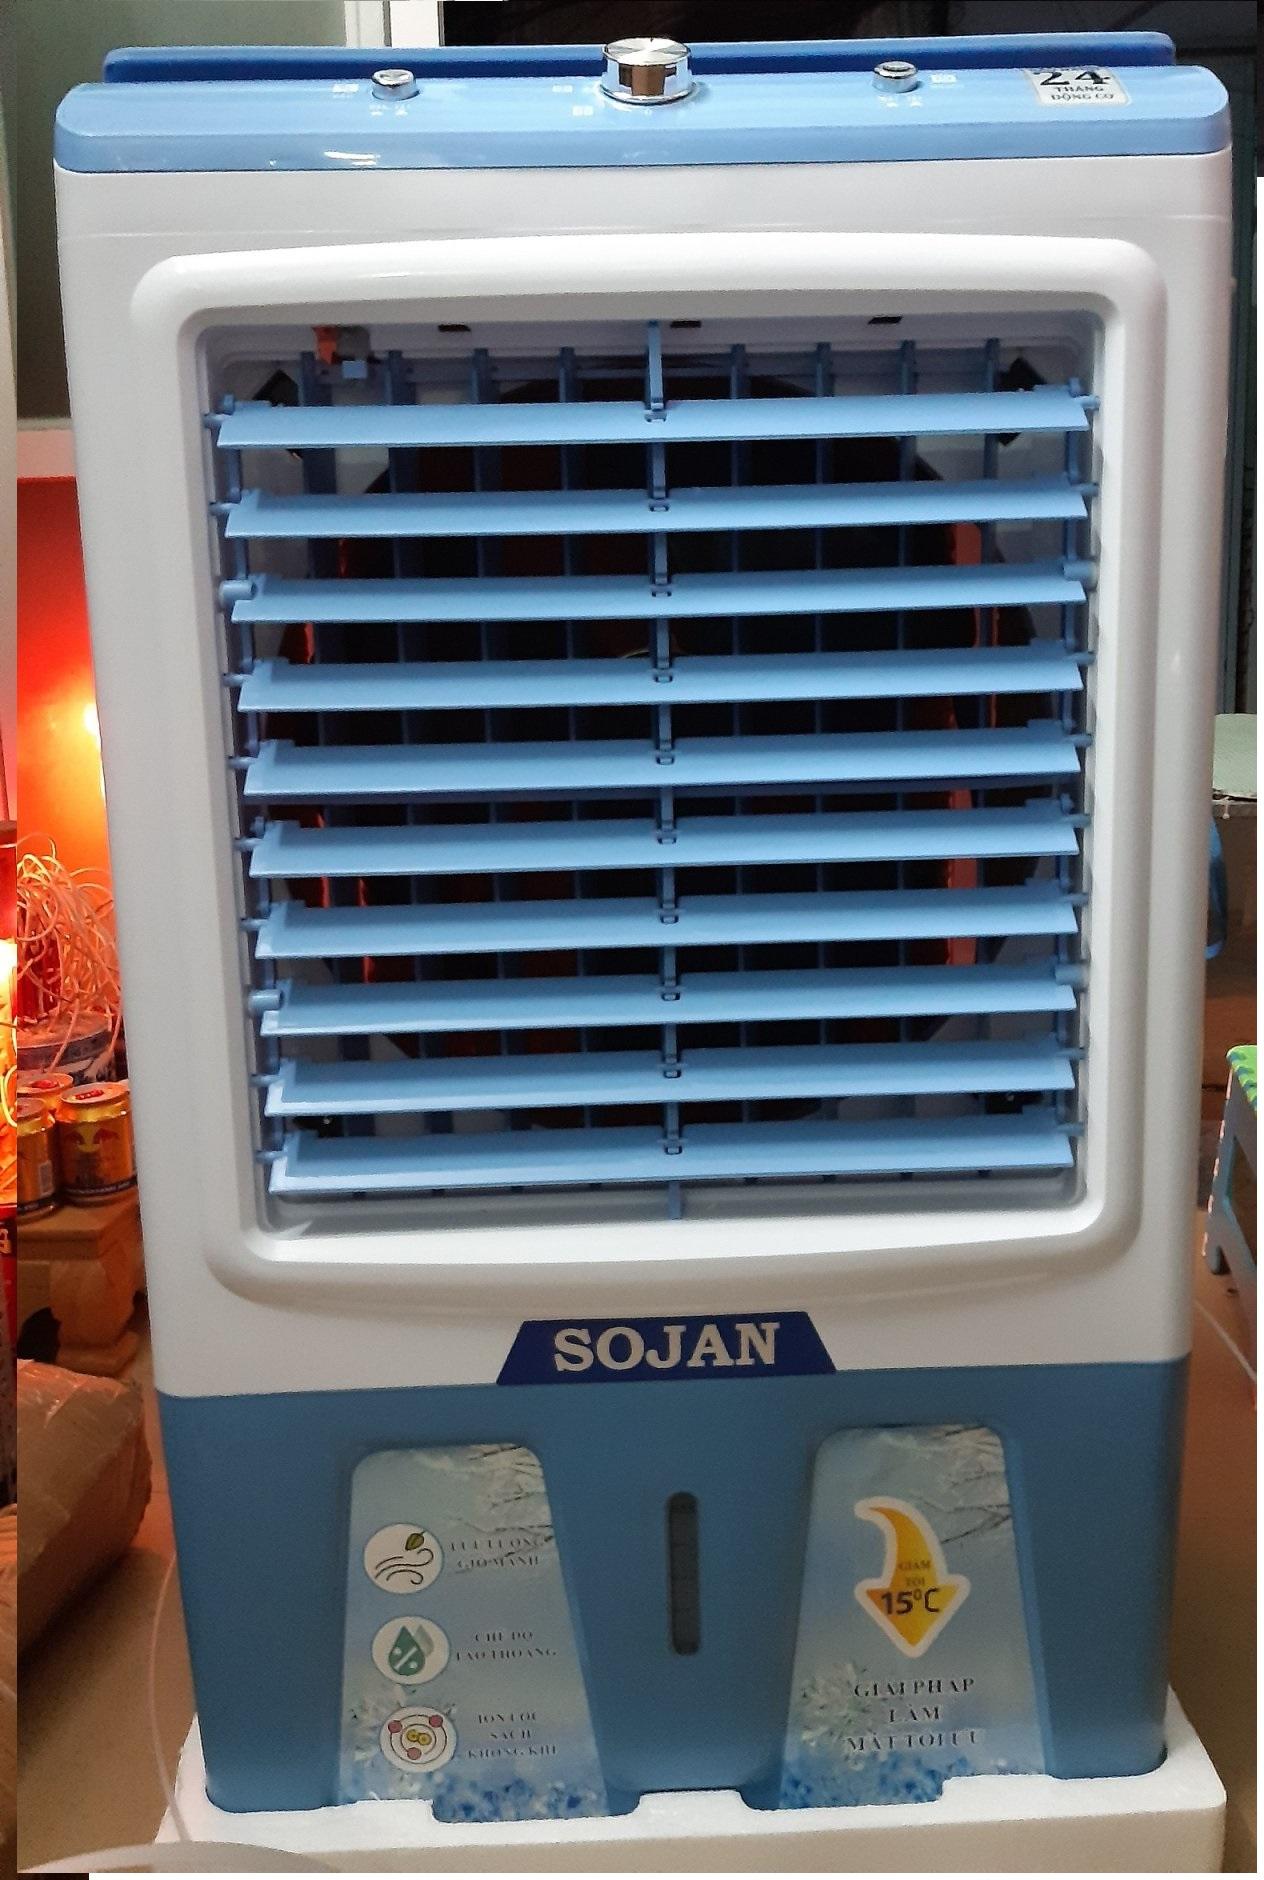 Quạt điều hòa hơi nước SOJAN model: YH38 Model: 2020 giá rẻ 1.440.000₫